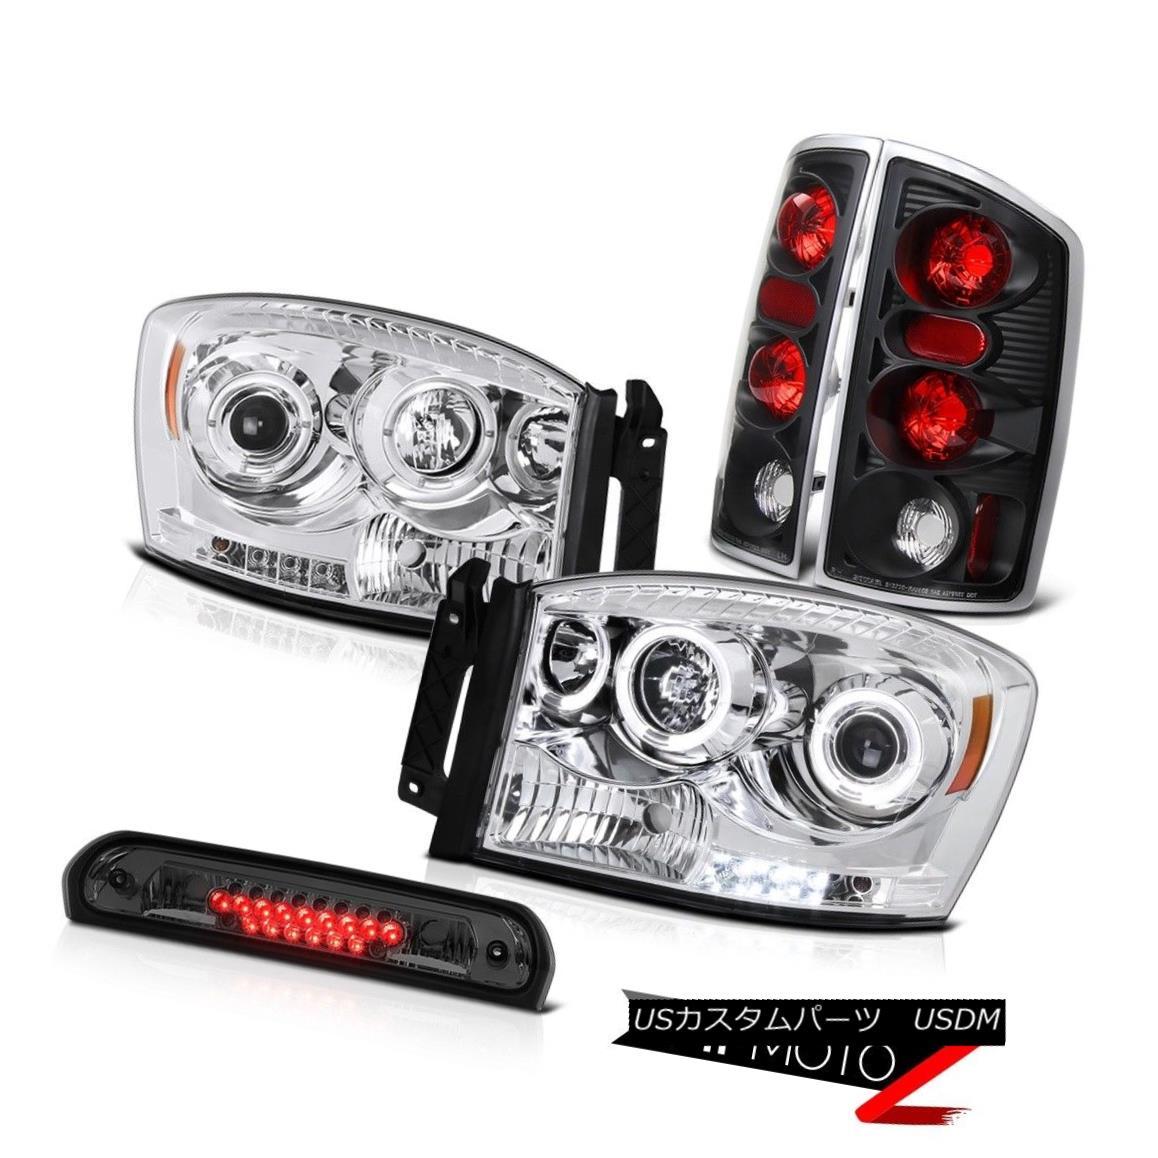 ヘッドライト 2006 Dodge Ram Hemi Halo LED Projector Headlights Signal Tail Lights High Brake 2006 Dodge Ram Hemi Halo LEDプロジェクターヘッドライト信号テールライトハイブレーキ